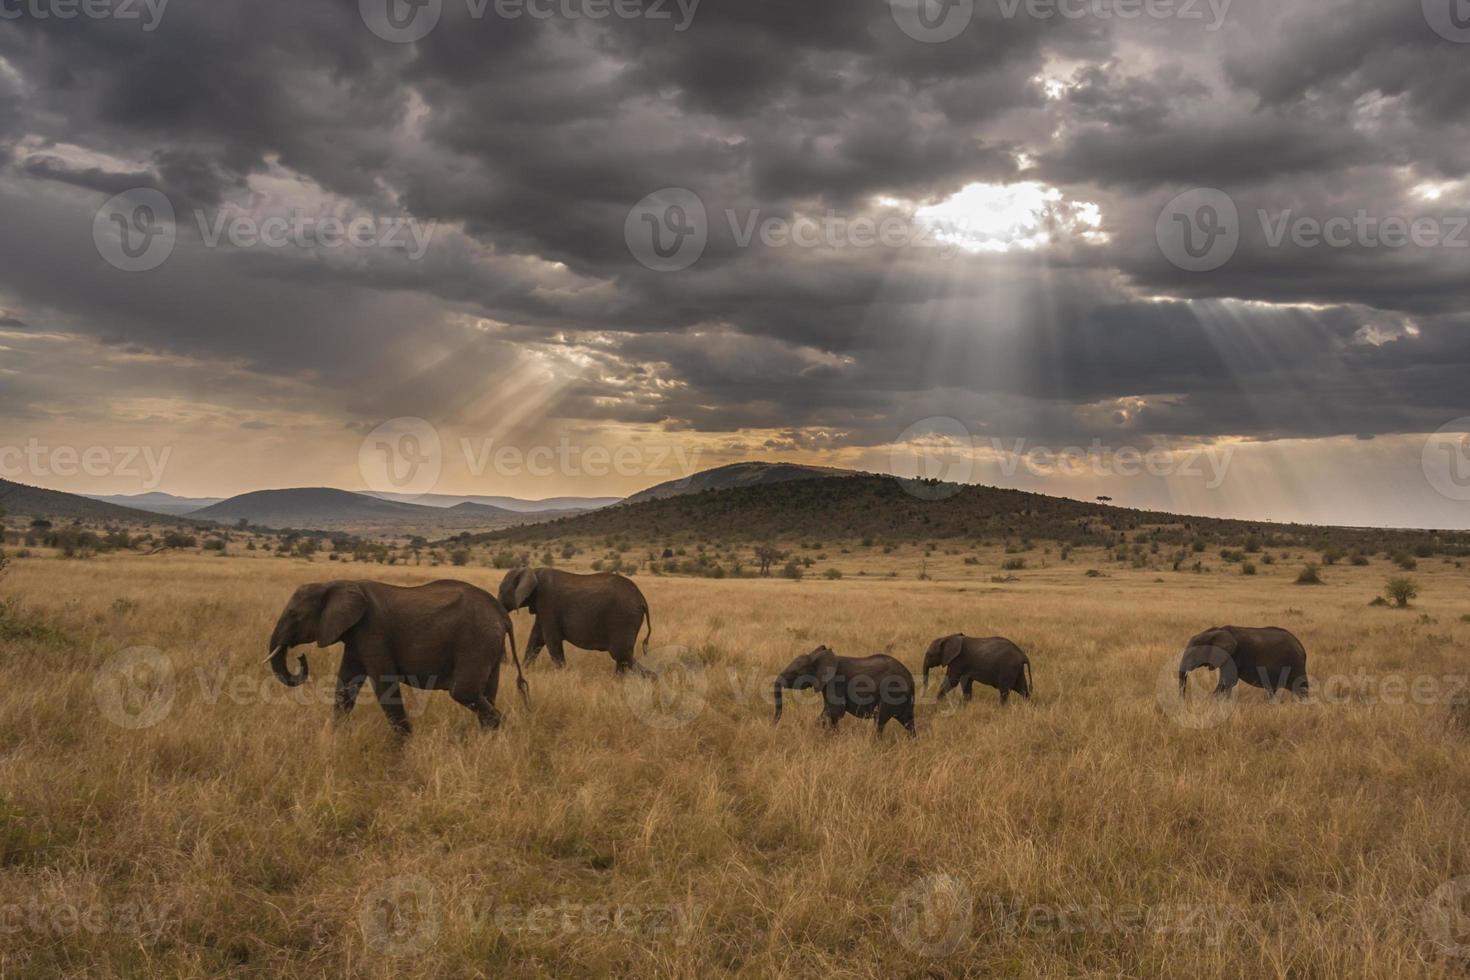 família de elefantes marchando pela savana foto